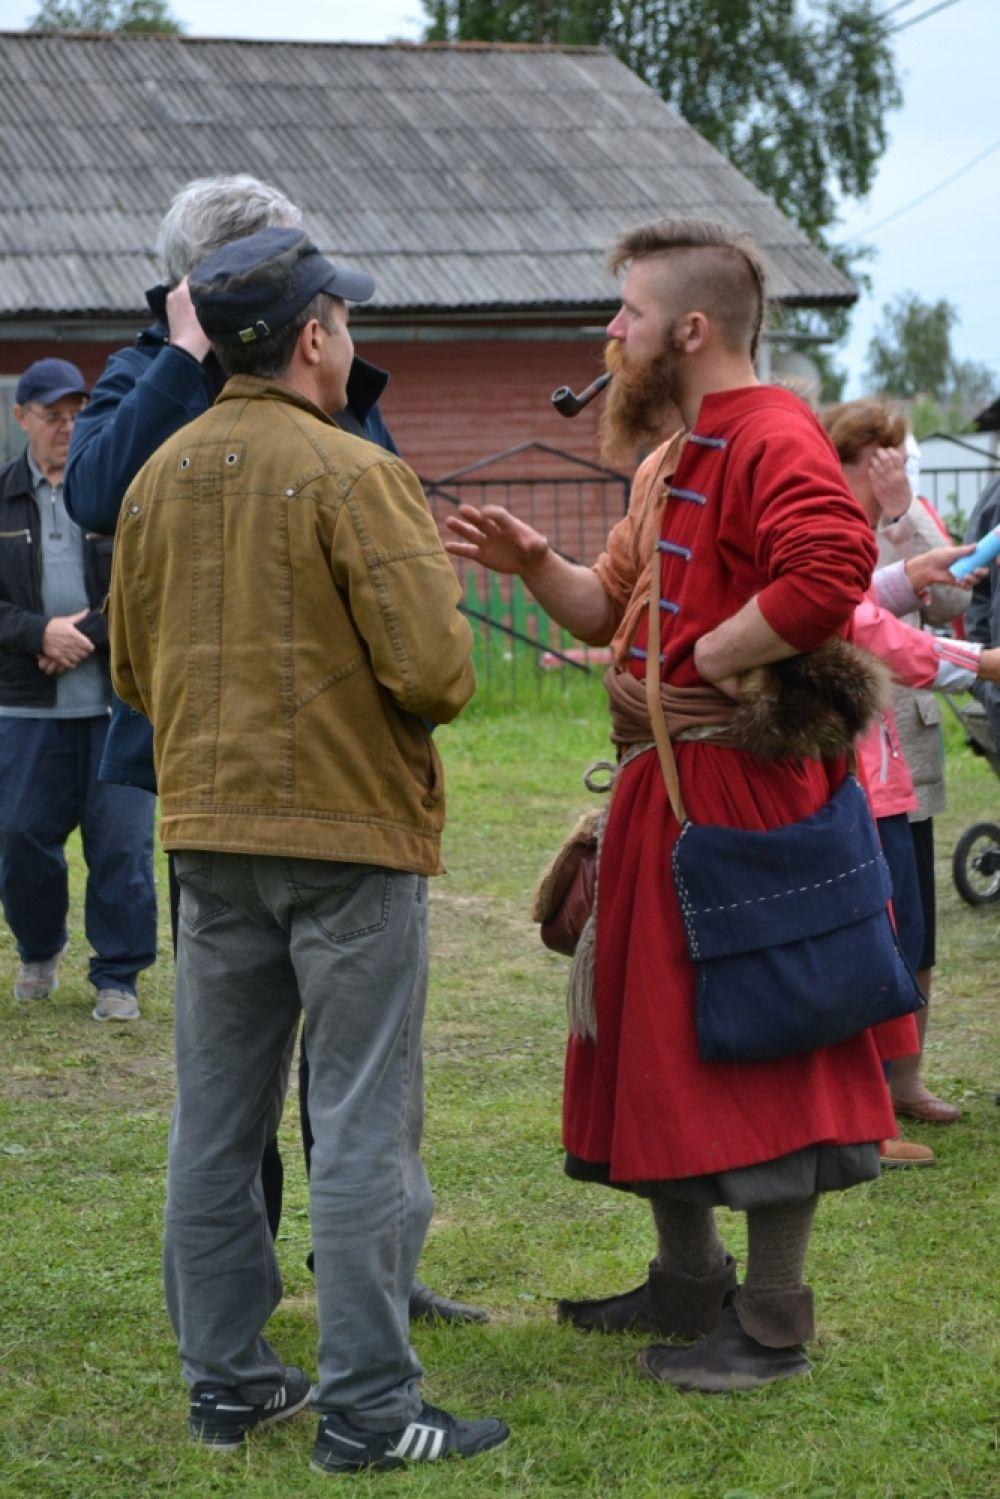 Специальными гостями праздника стали участники историко-реконструкционного клуба «Кречет», которые приплыли в Усть-Цильму на копии средневековой ладьи.